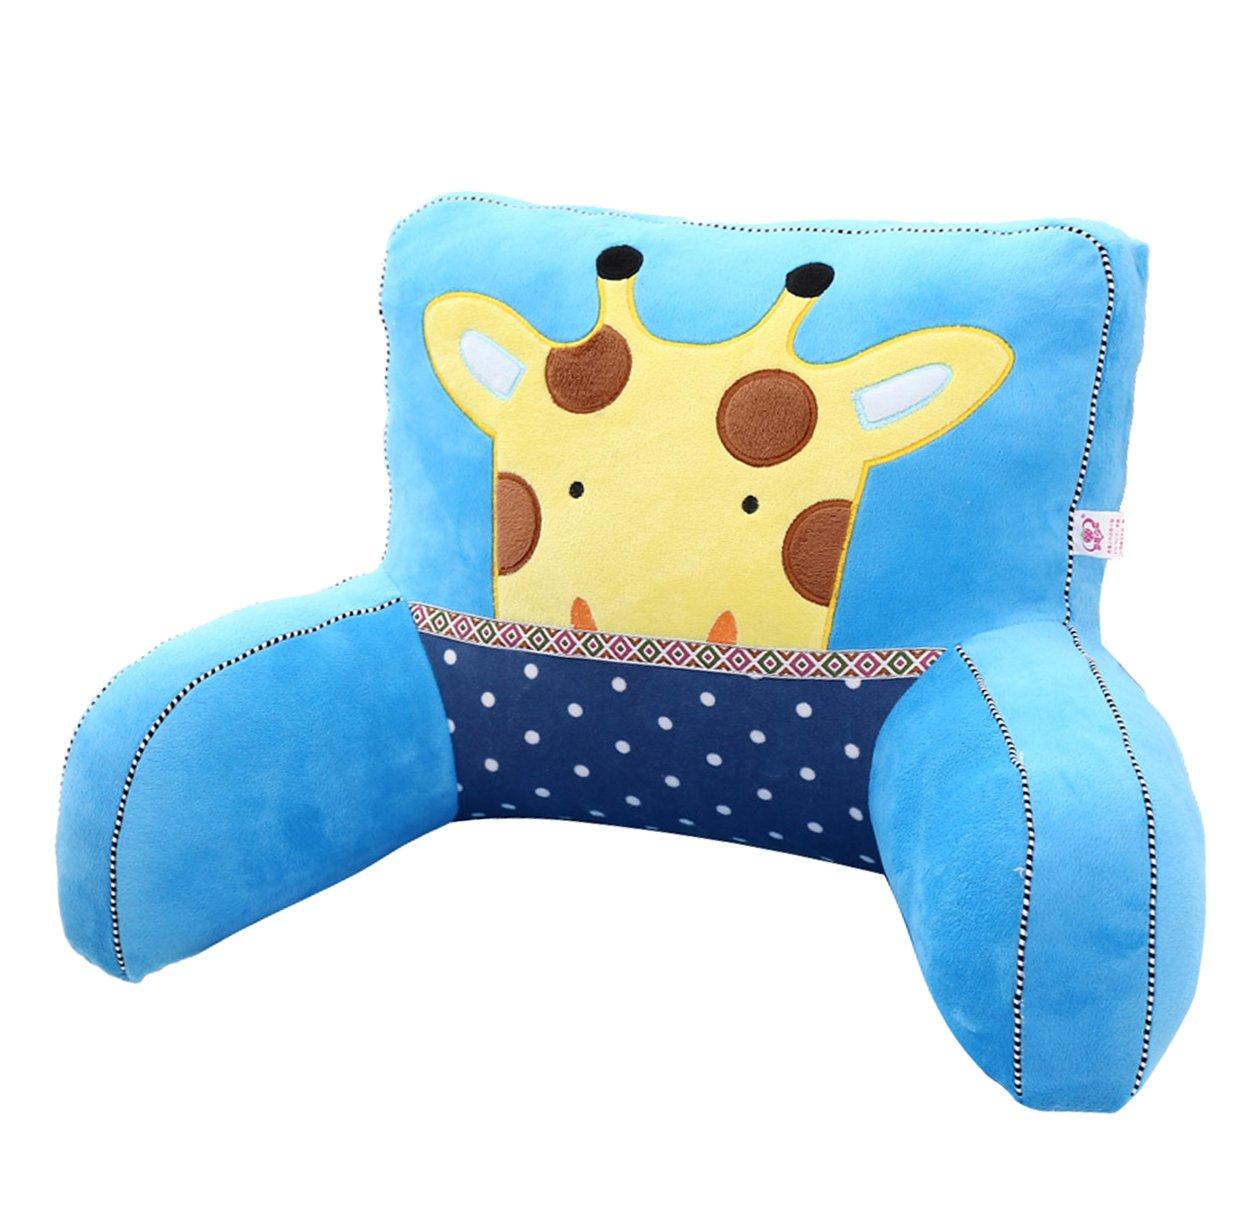 Adorable Blue Giraffe Lumbar Support Backrest Pillow Waist Seat Back Cushion Pillow in Home Office School Car